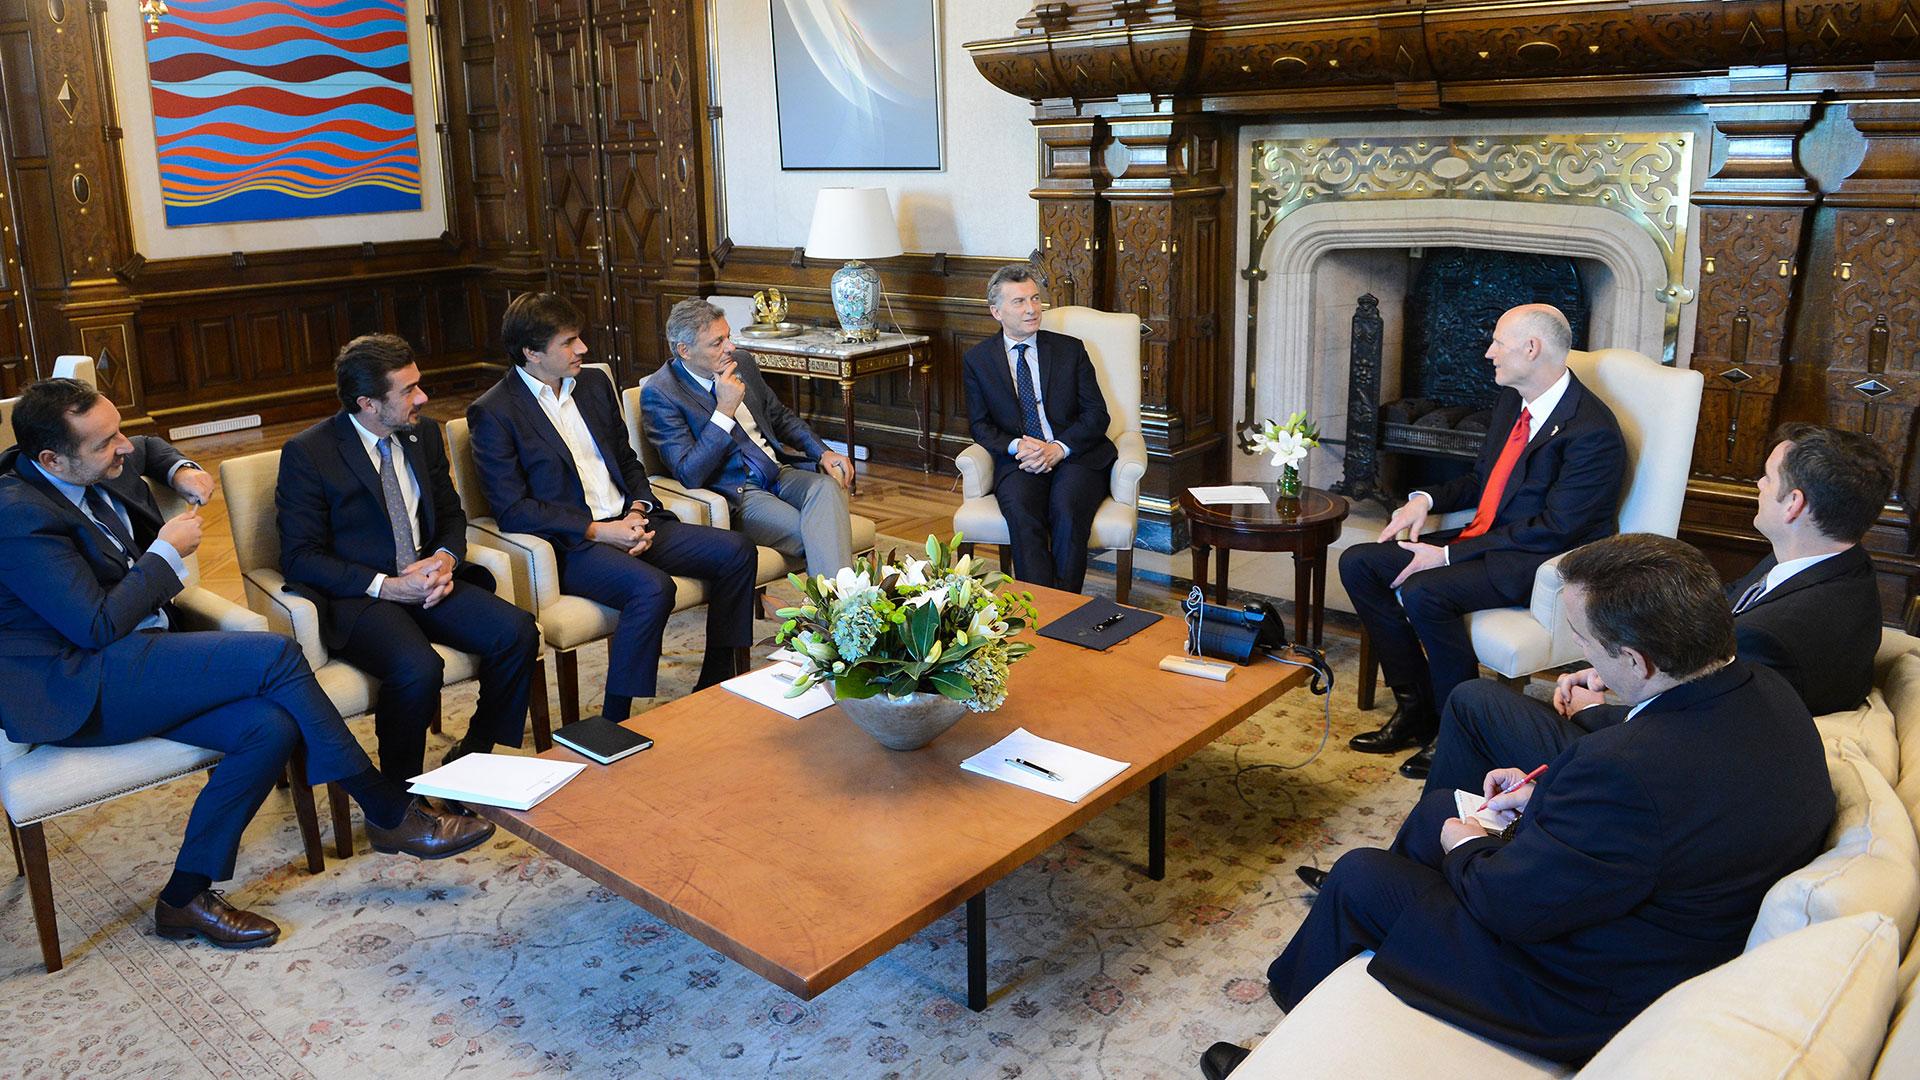 El gobernador de la Florida, Rick Scott, con el presidente Mauricio Macri y los funcionarios de gobierno en la Casa Rosada.